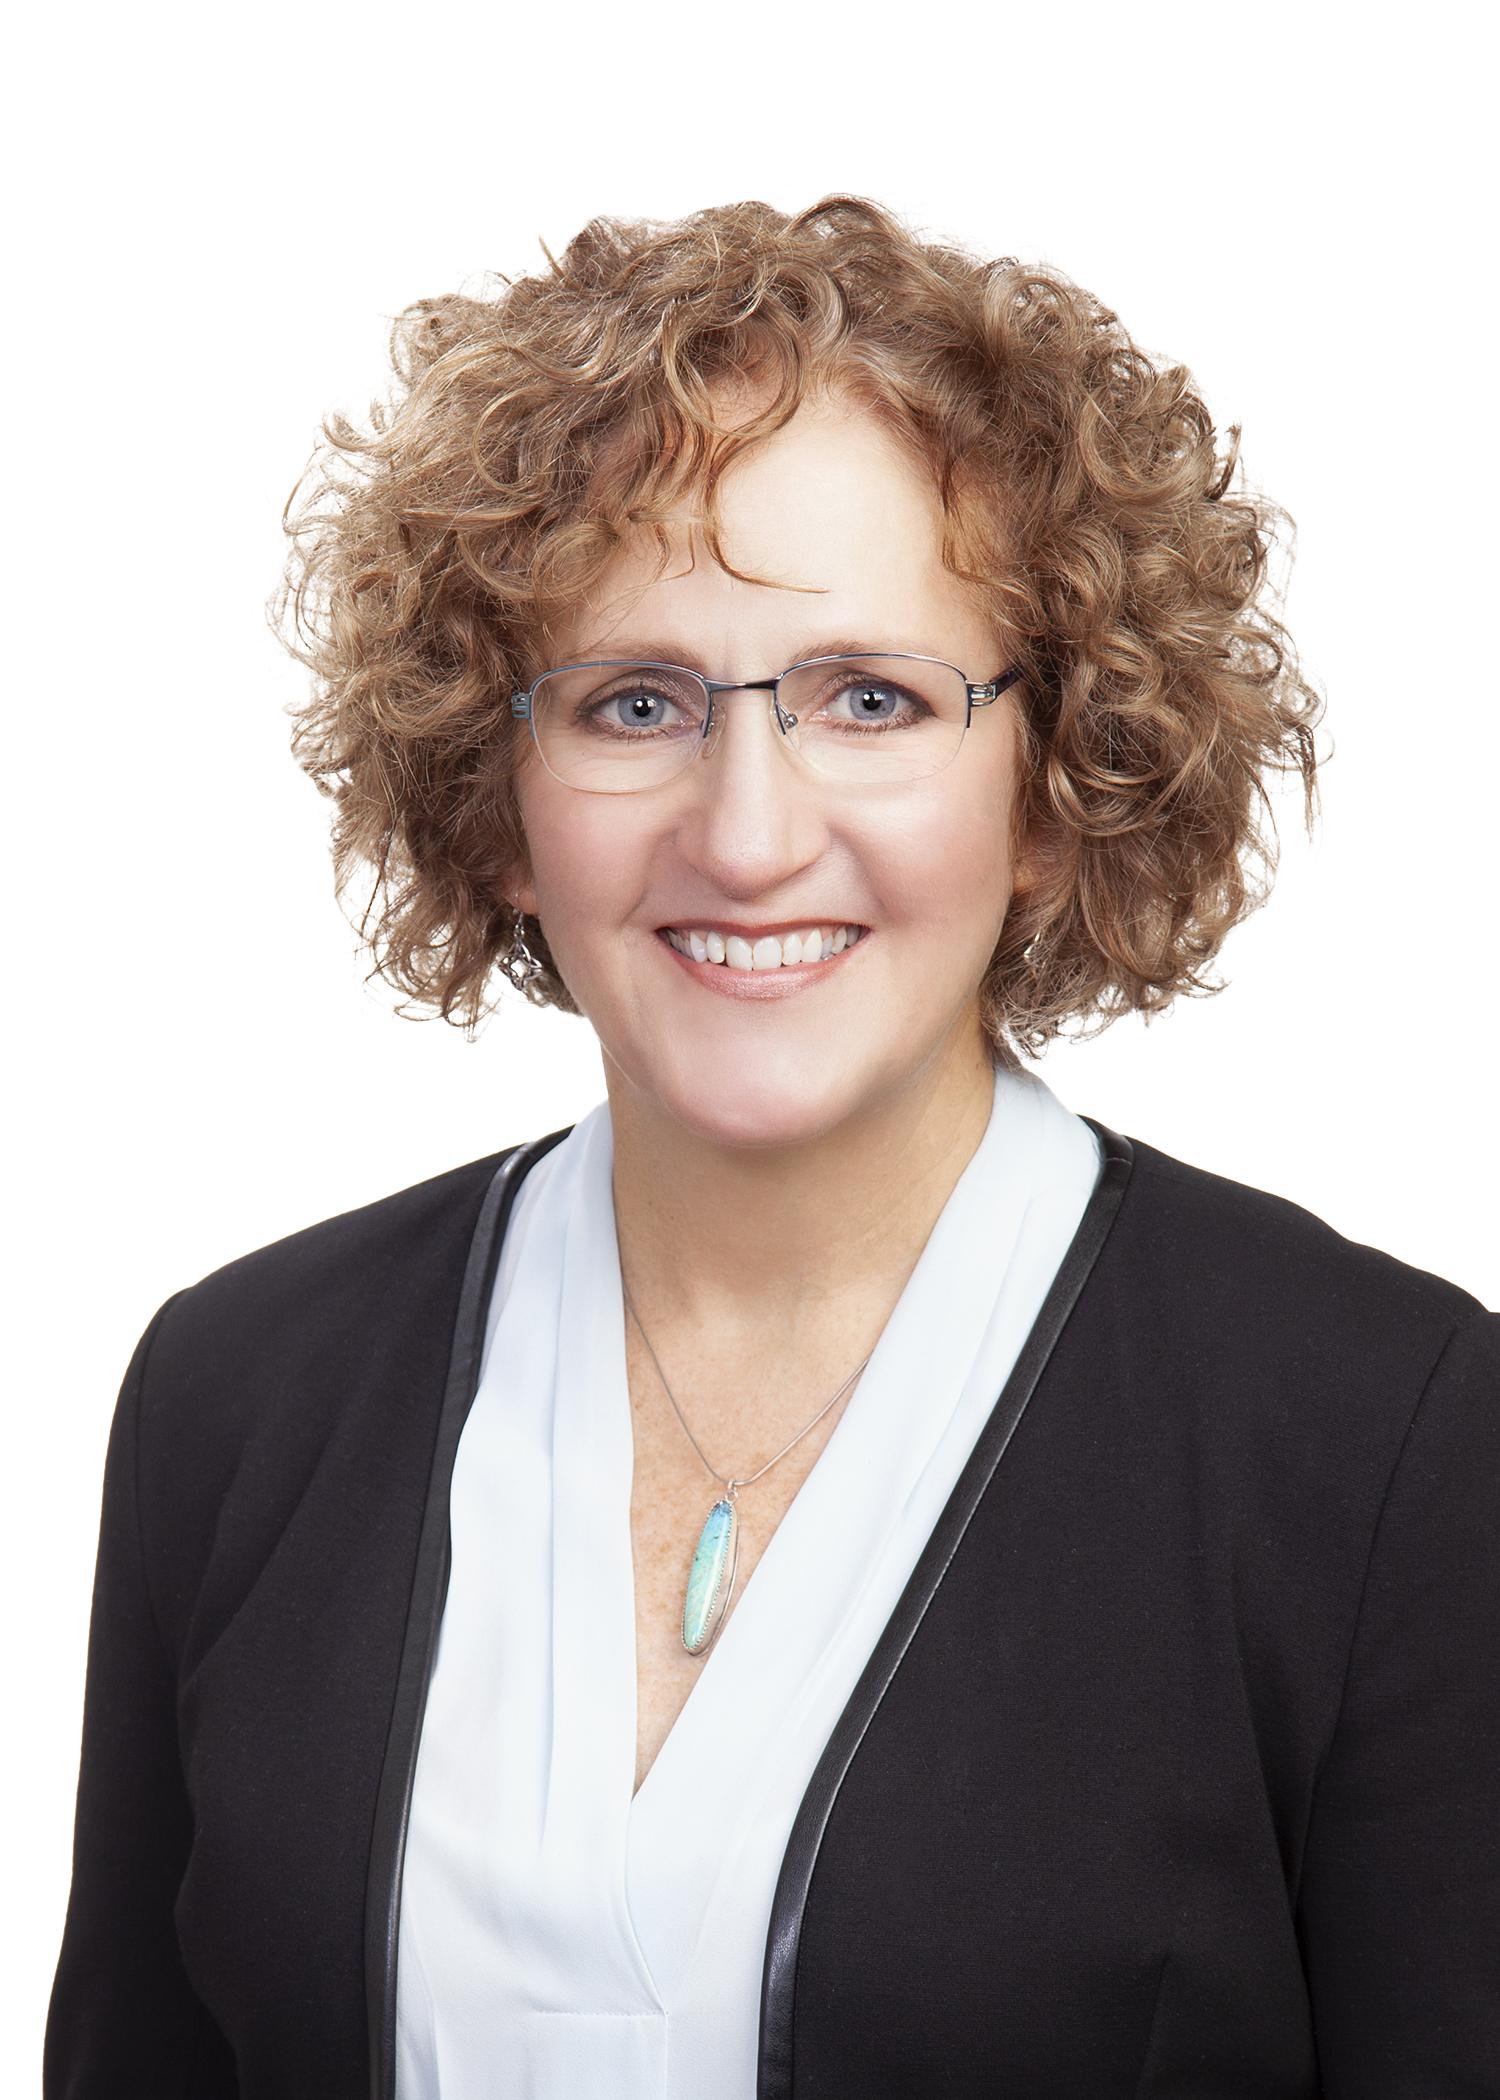 Tracy Scanlan Zaslow